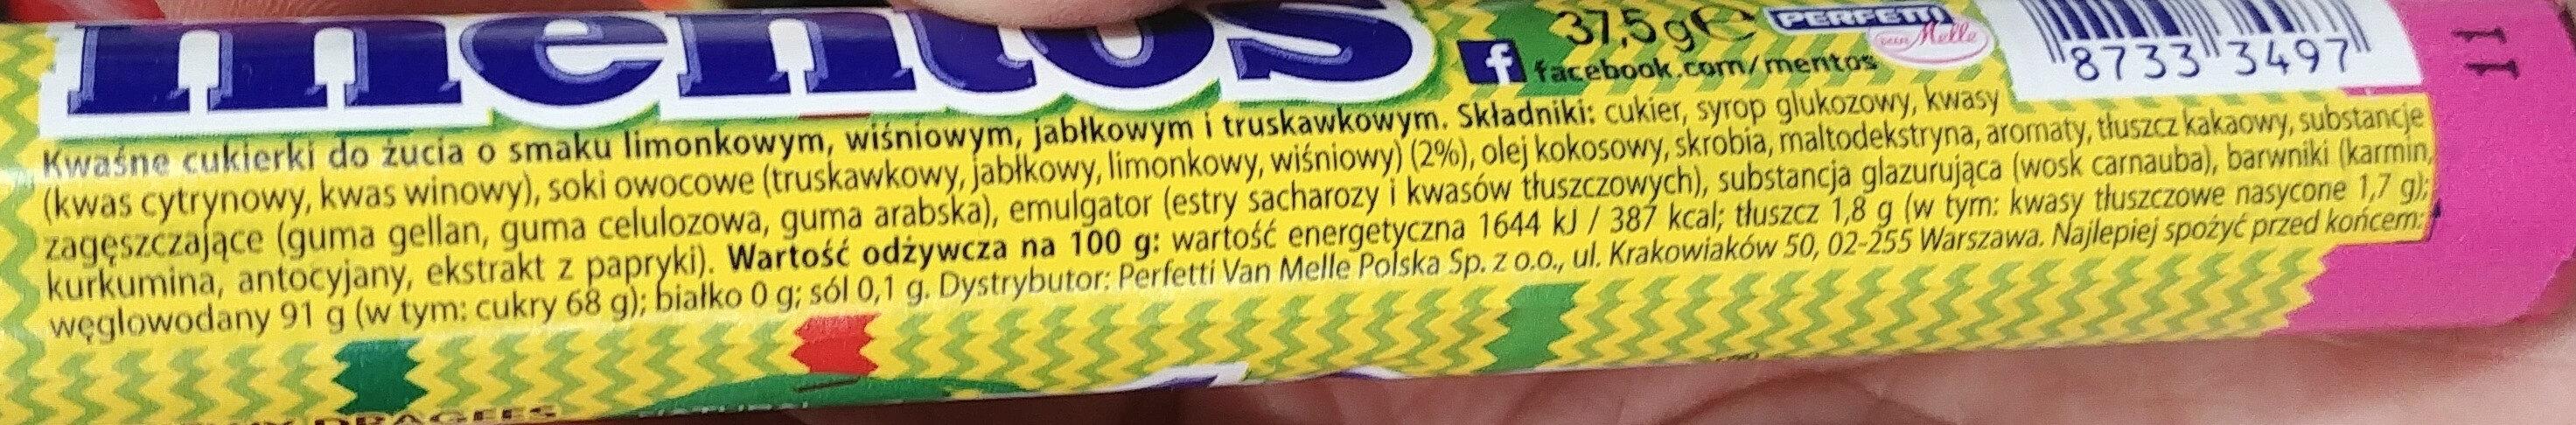 Kwaśne cukierki do żucia o smaku limonkowym, jabłkowym i truskawkowym - Ingrédients - pl